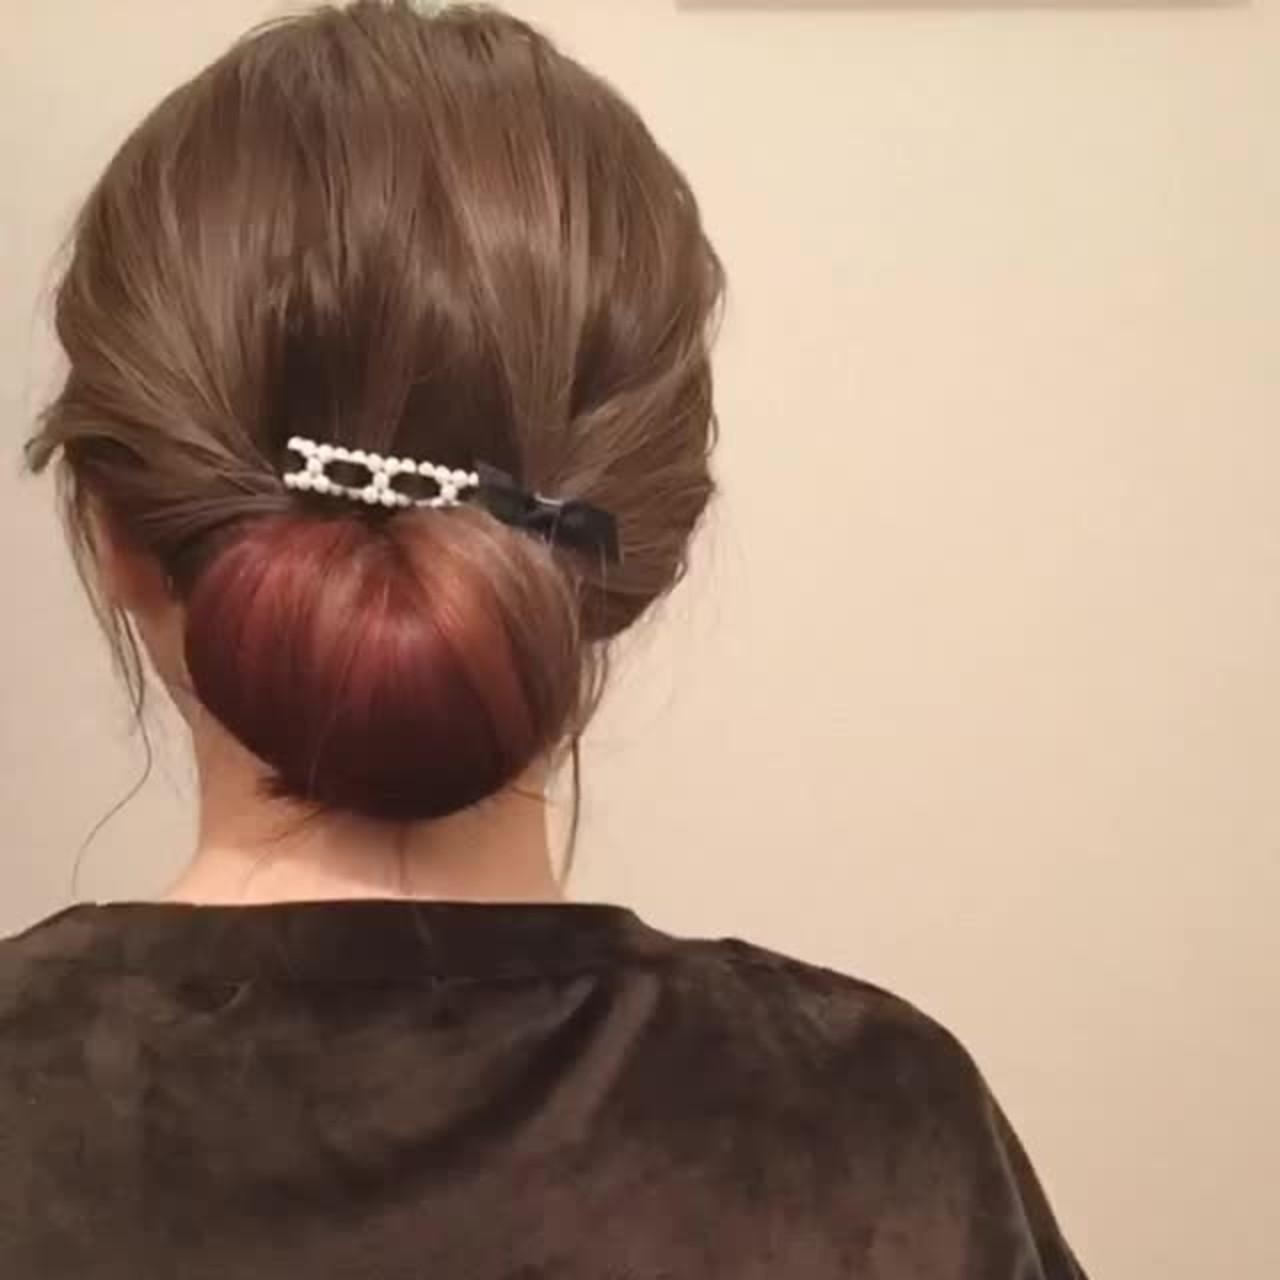 髪、切る前に遊んでみない?毛先○cmの春色ピンクがマンネリ気分にサヨナラを告げる♡ 小幡 恵子